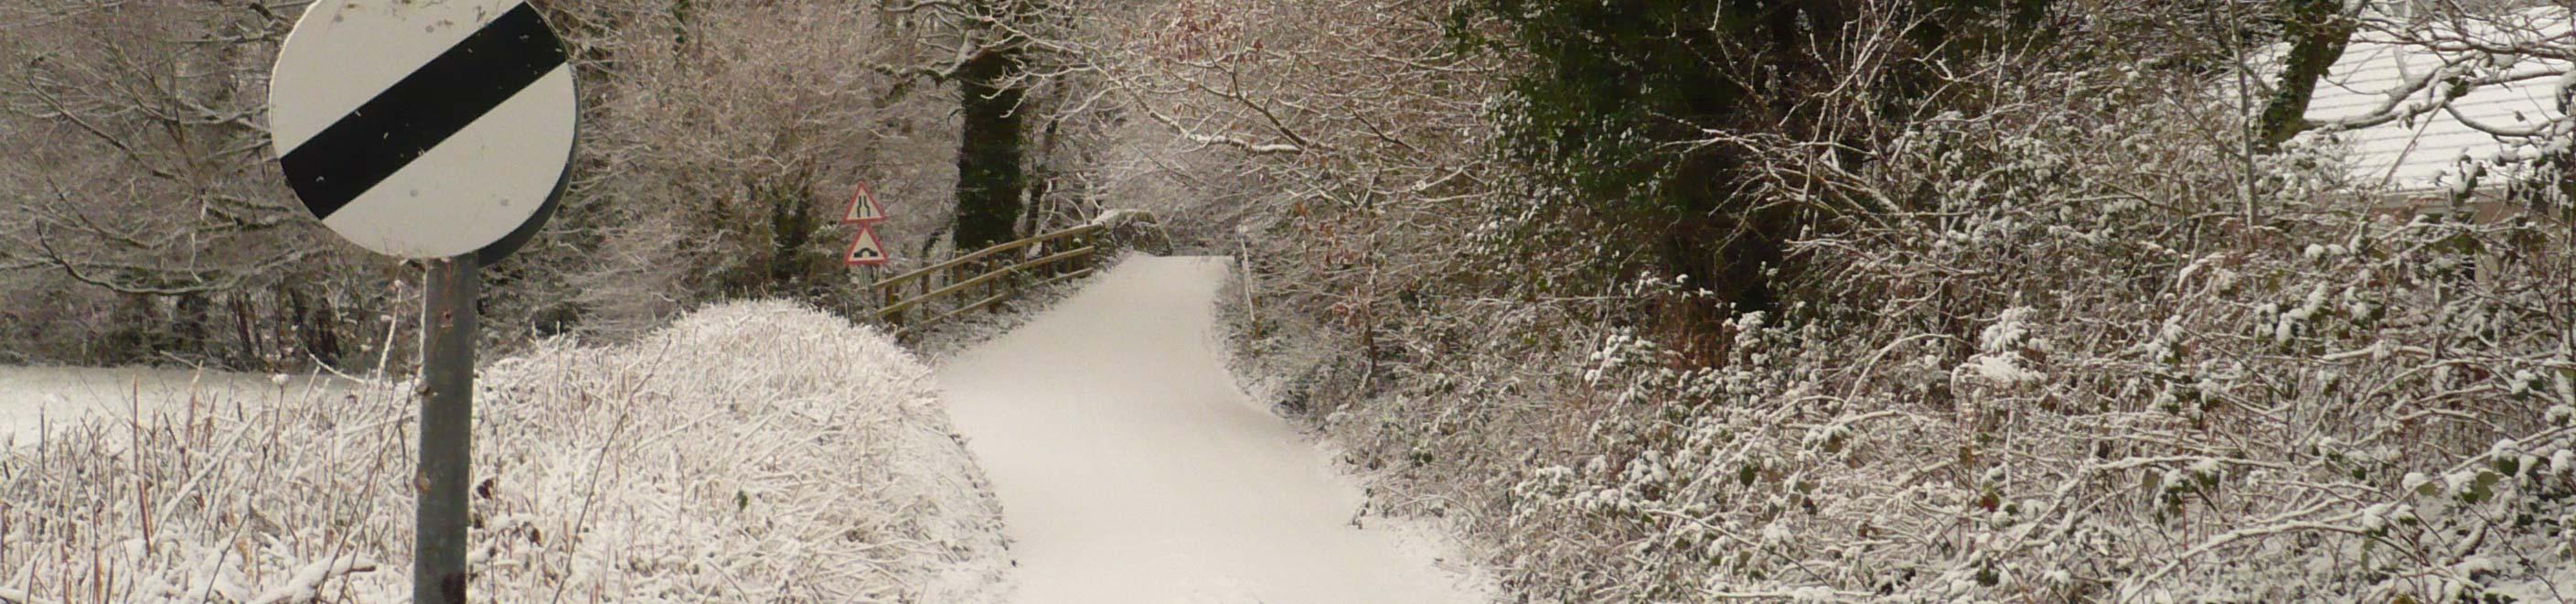 View of Devil's Backbone Bridge in winter